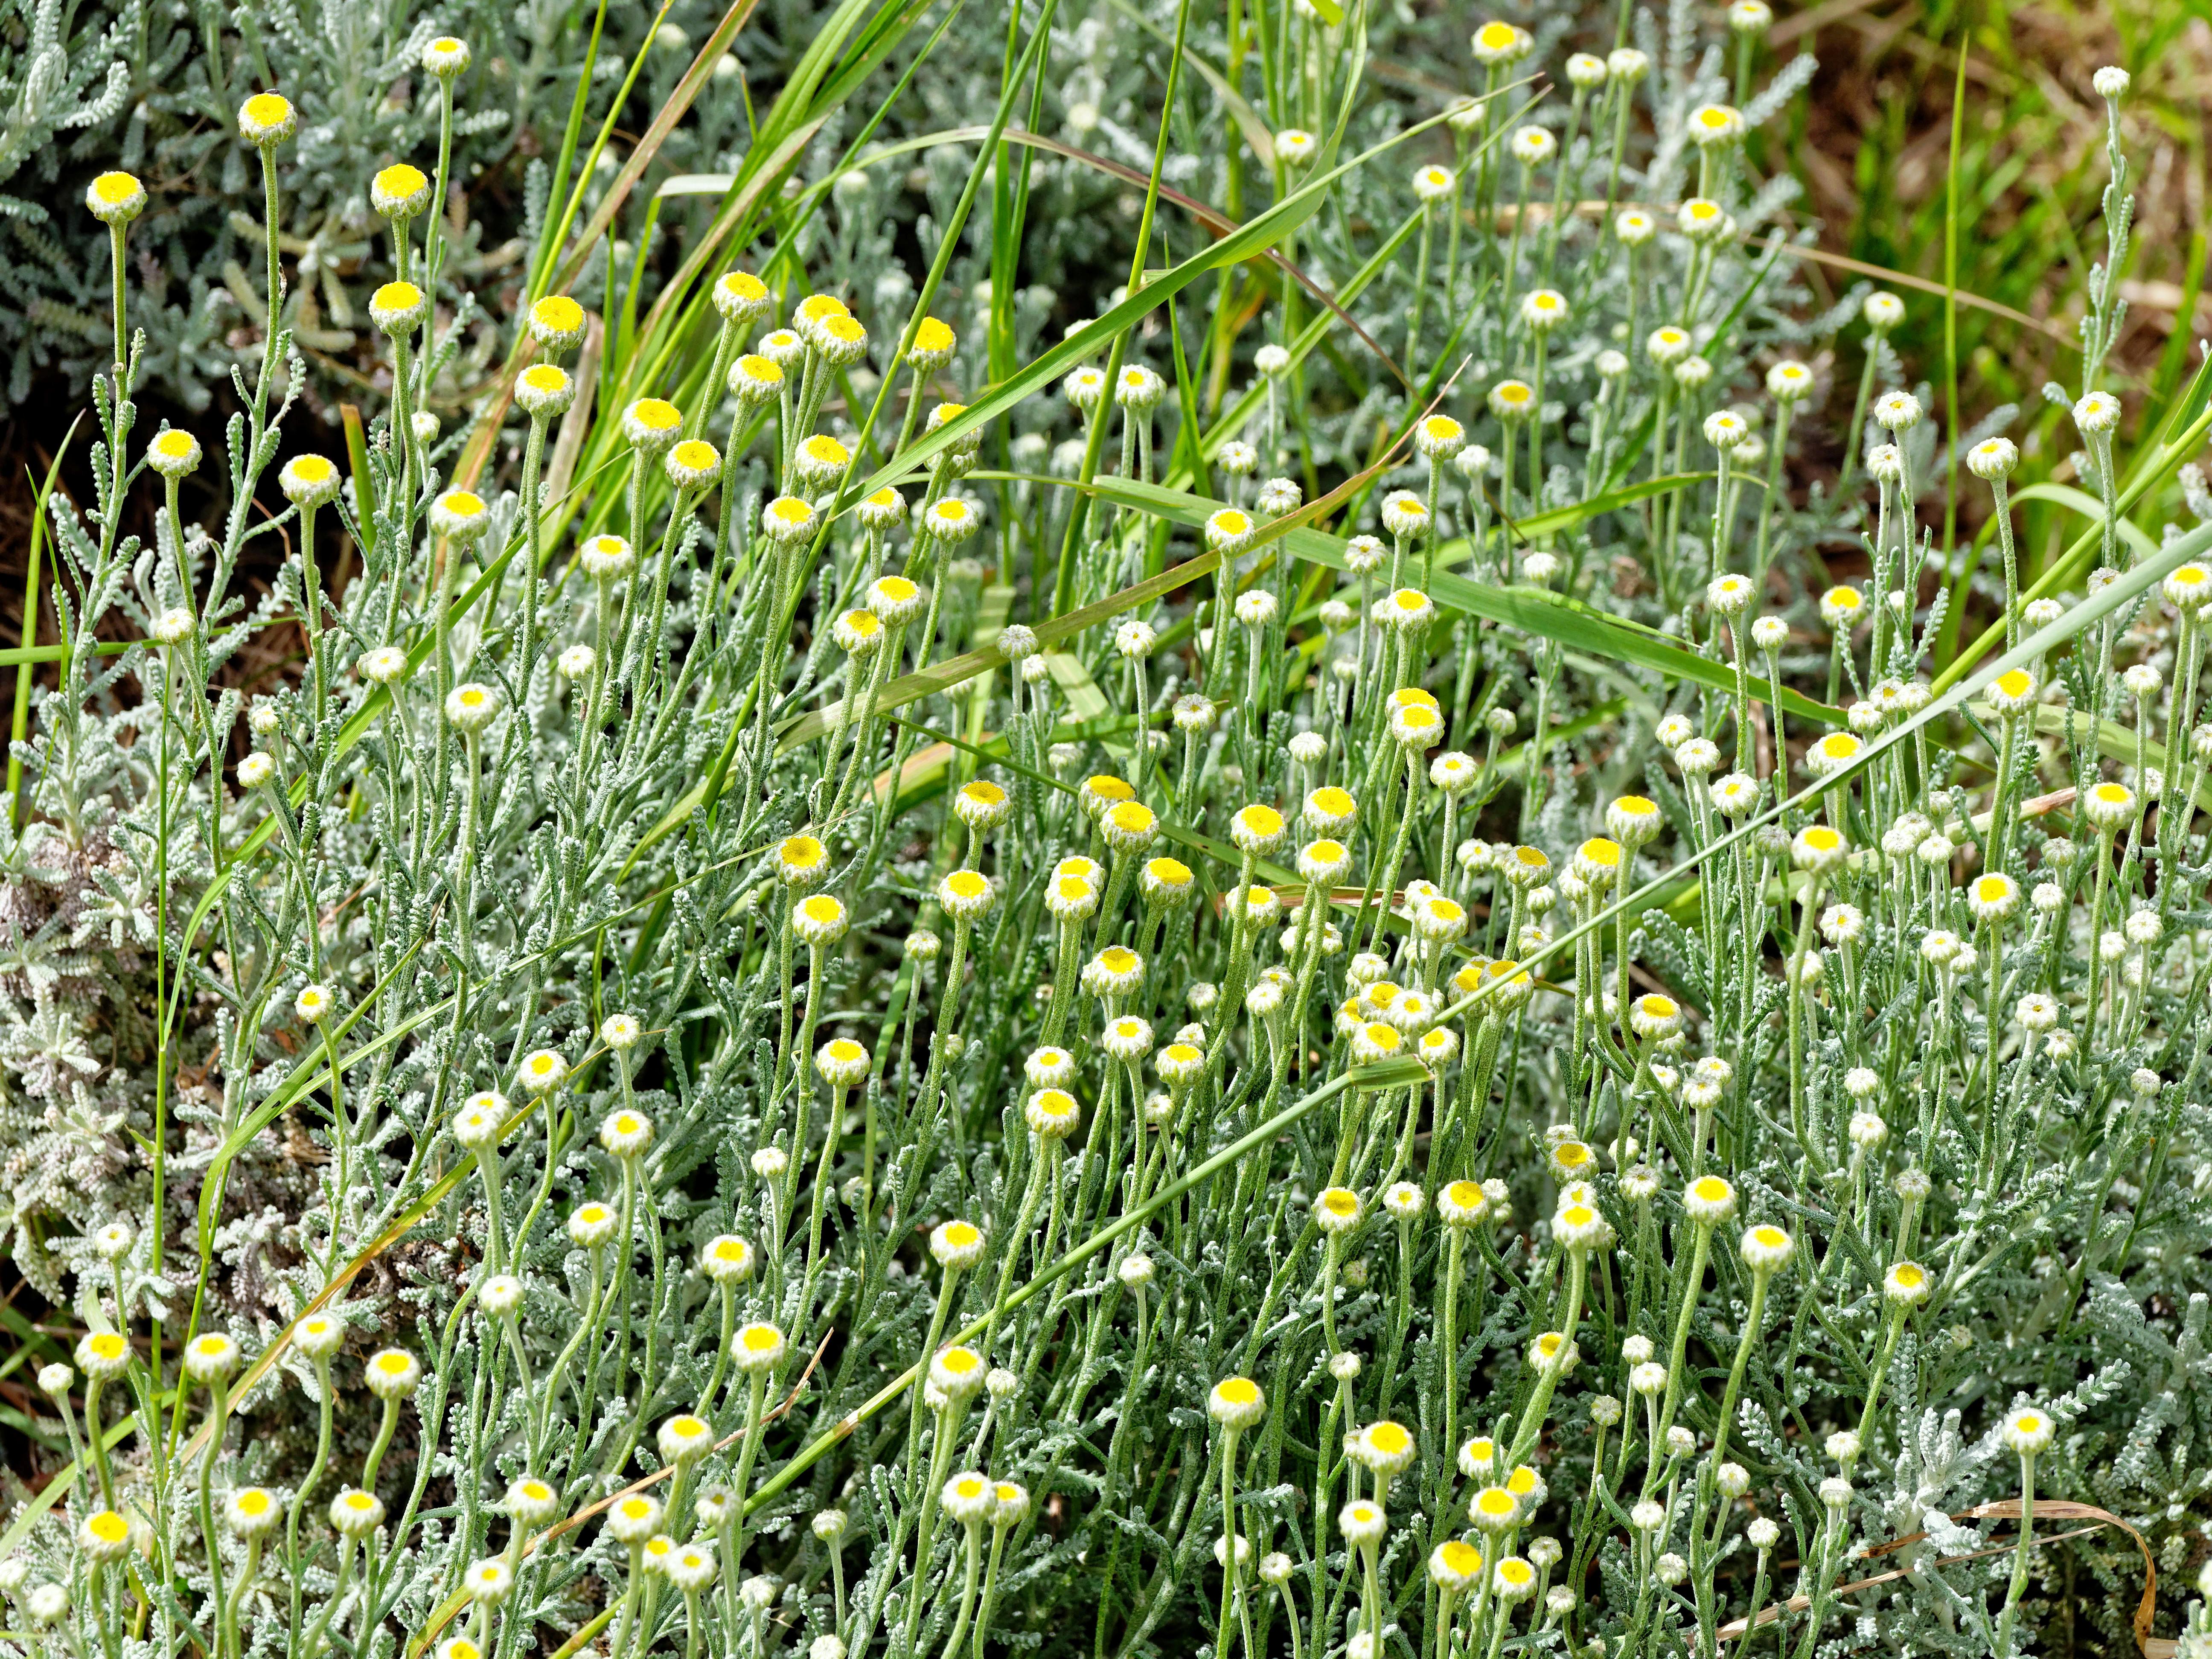 Helichrysum-2.jpeg